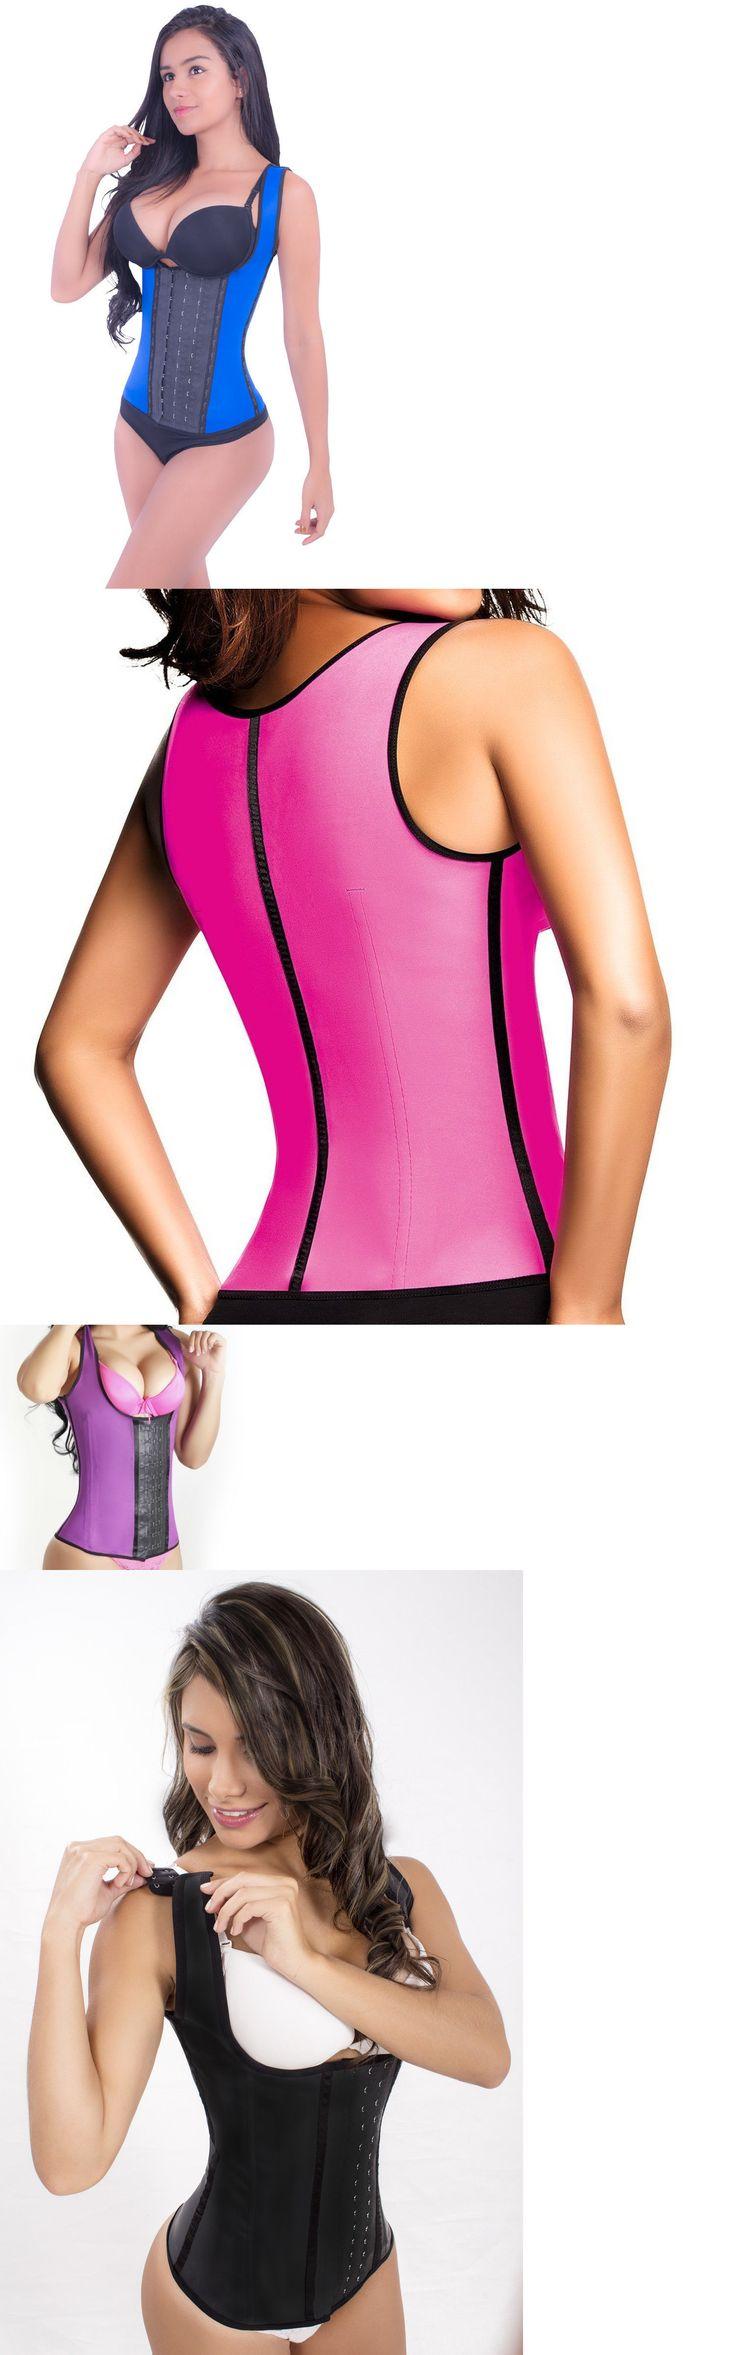 Women Shapewear: #1 Colombian Faja Latex Semi-Vest. Girdle Cincher Waist Trainer Original Shaper BUY IT NOW ONLY: $45.59